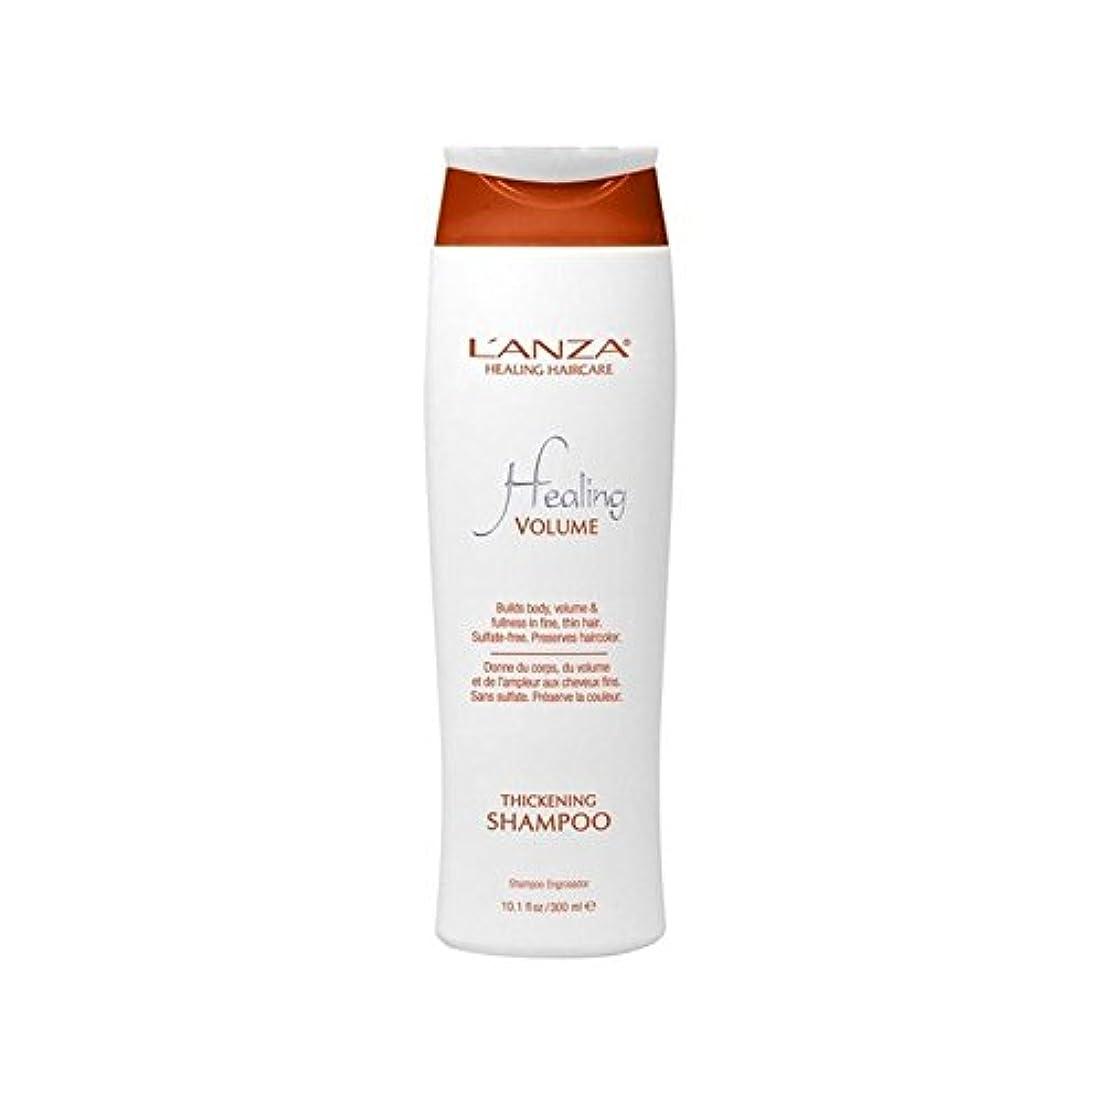 男性増加するスタンドアンザ癒しのボリューム肥厚シャンプー(300ミリリットル) x2 - L'Anza Healing Volume Thickening Shampoo (300ml) (Pack of 2) [並行輸入品]